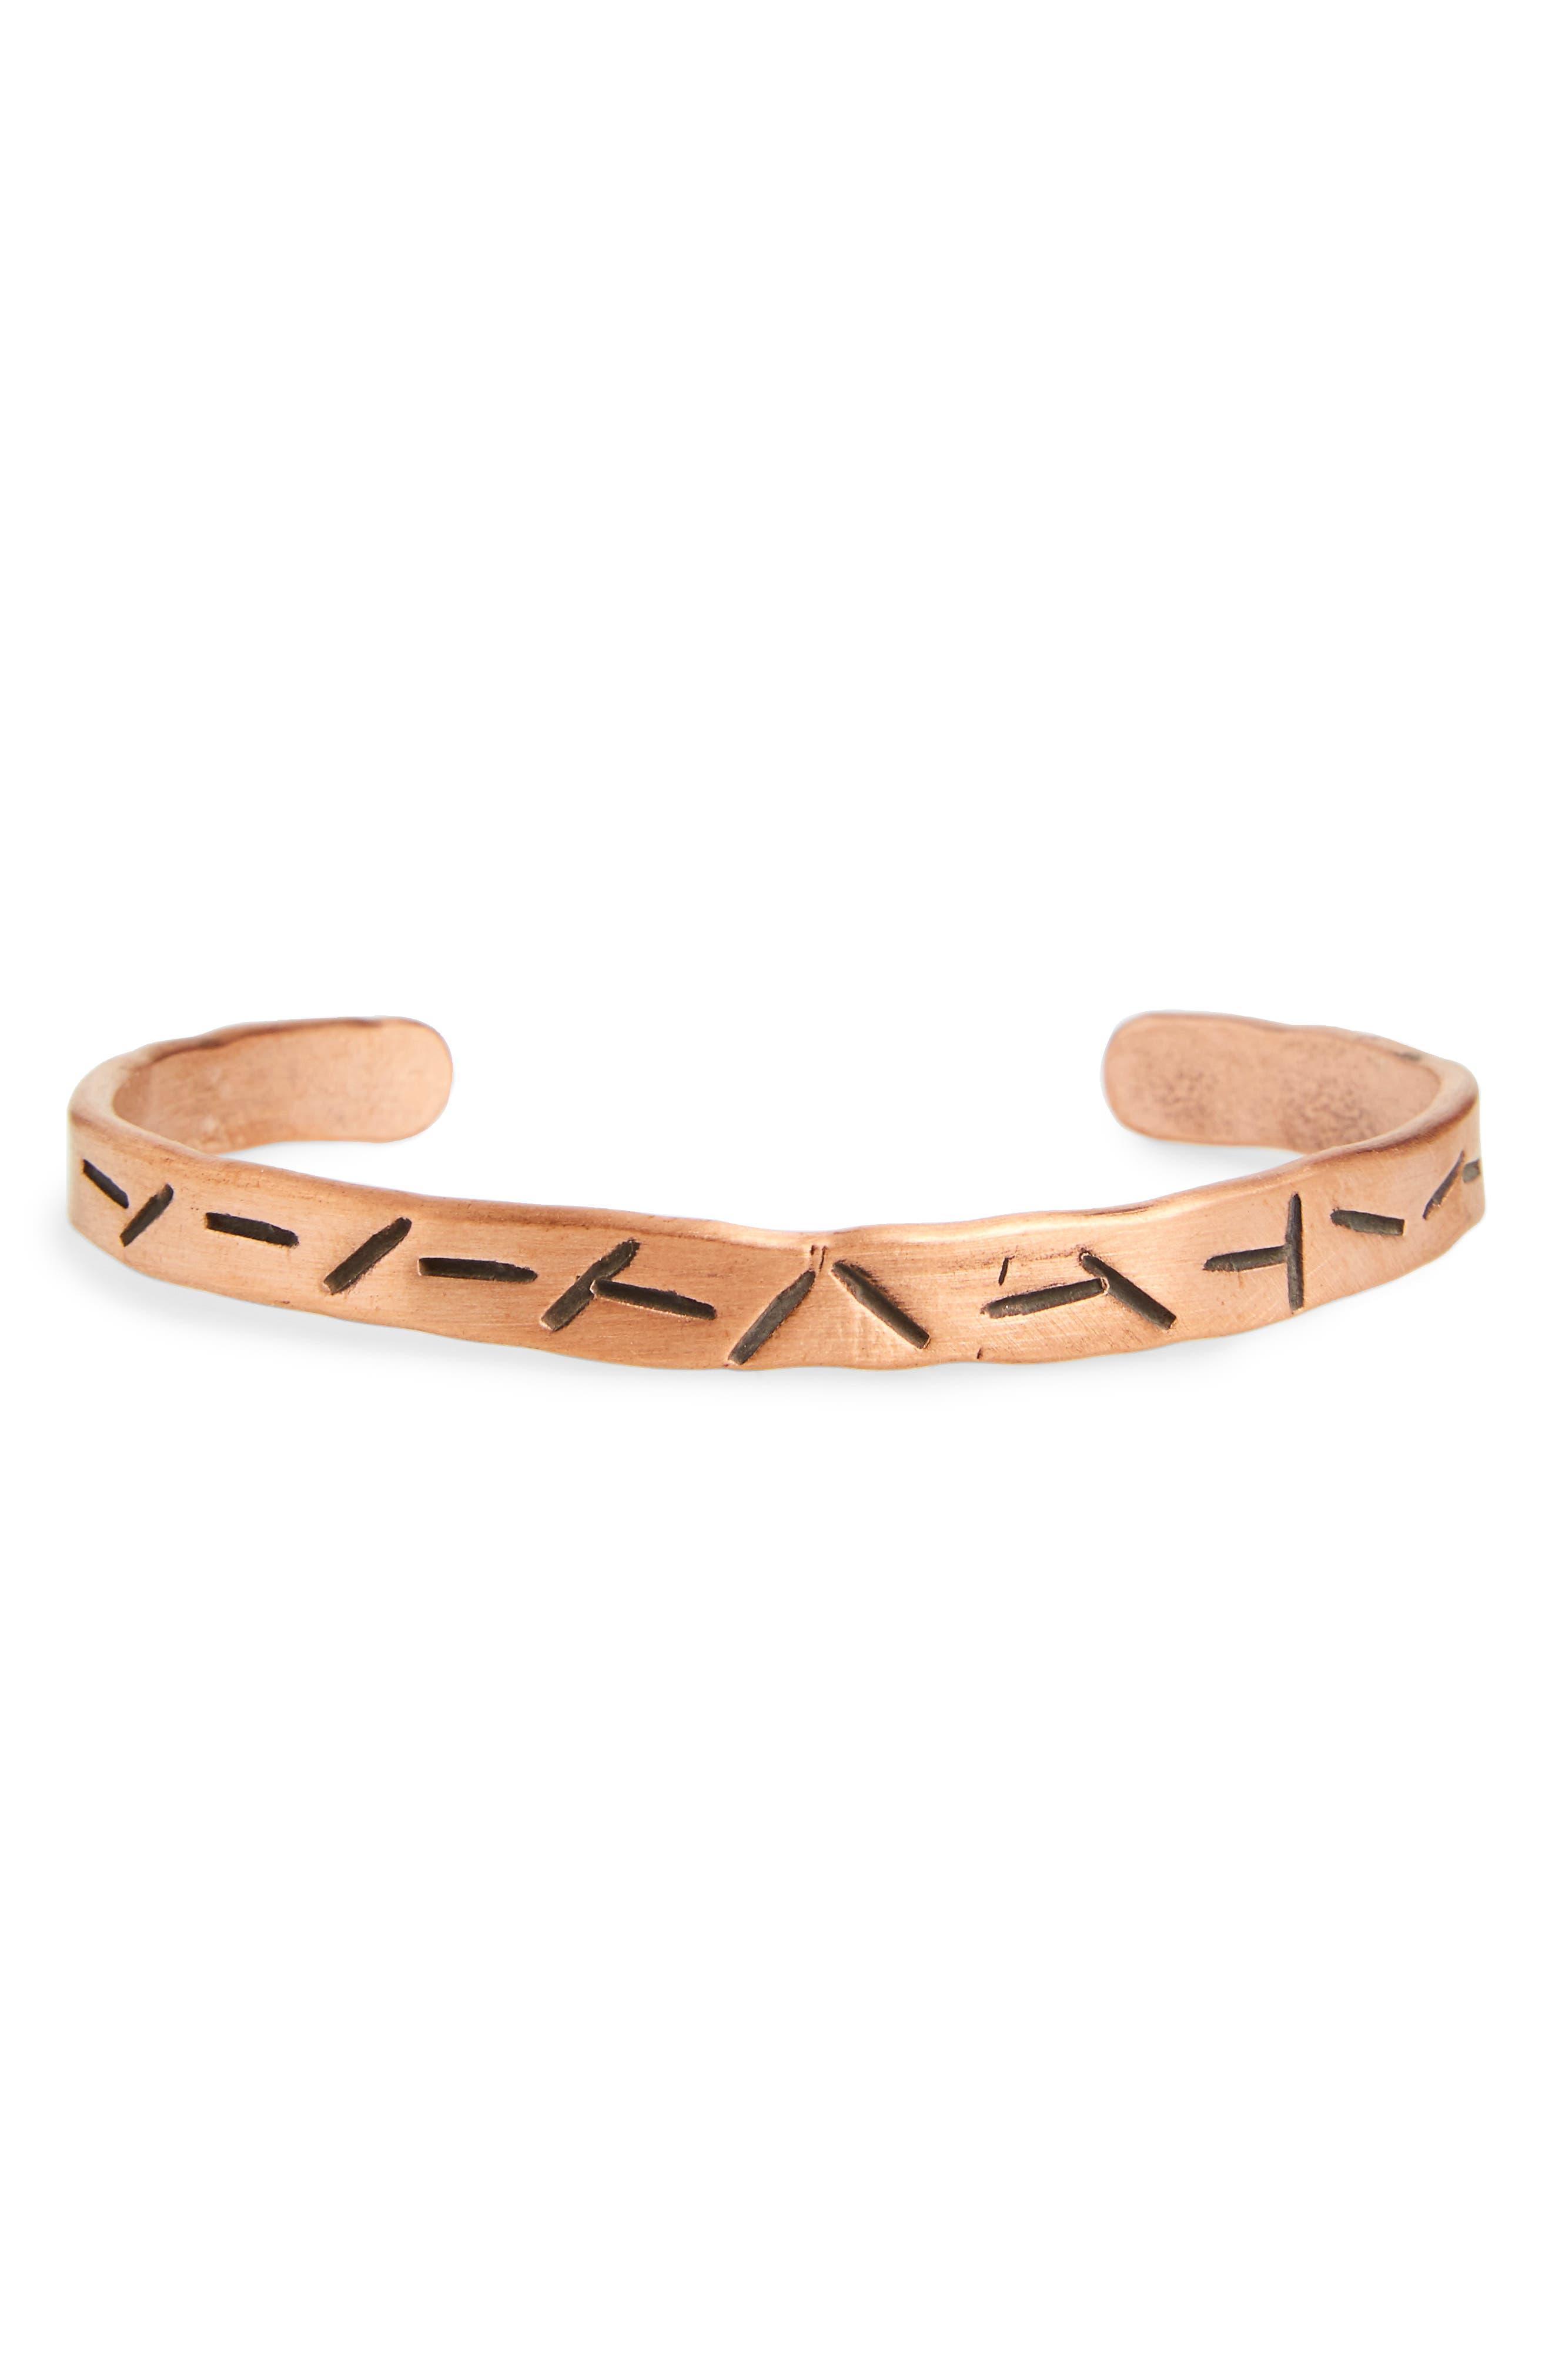 Slash Copper Cuff Bracelet,                             Main thumbnail 1, color,                             220